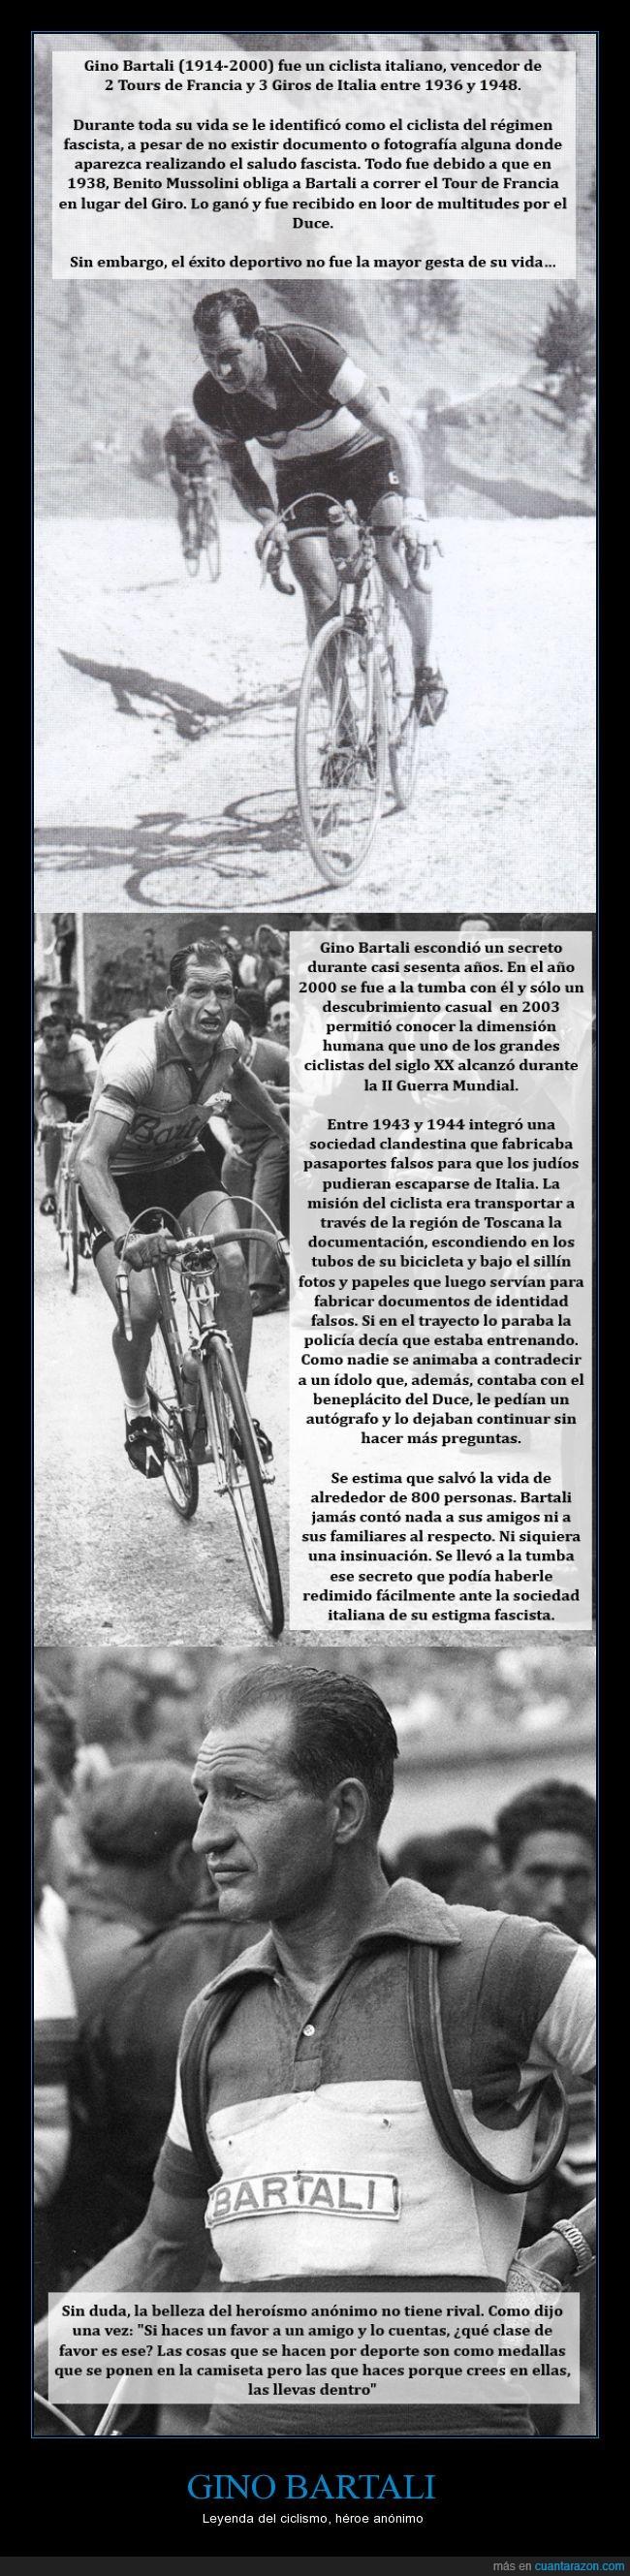 ciclismo,Gino Bartali,héroe,II Guerra Mundial,judíos